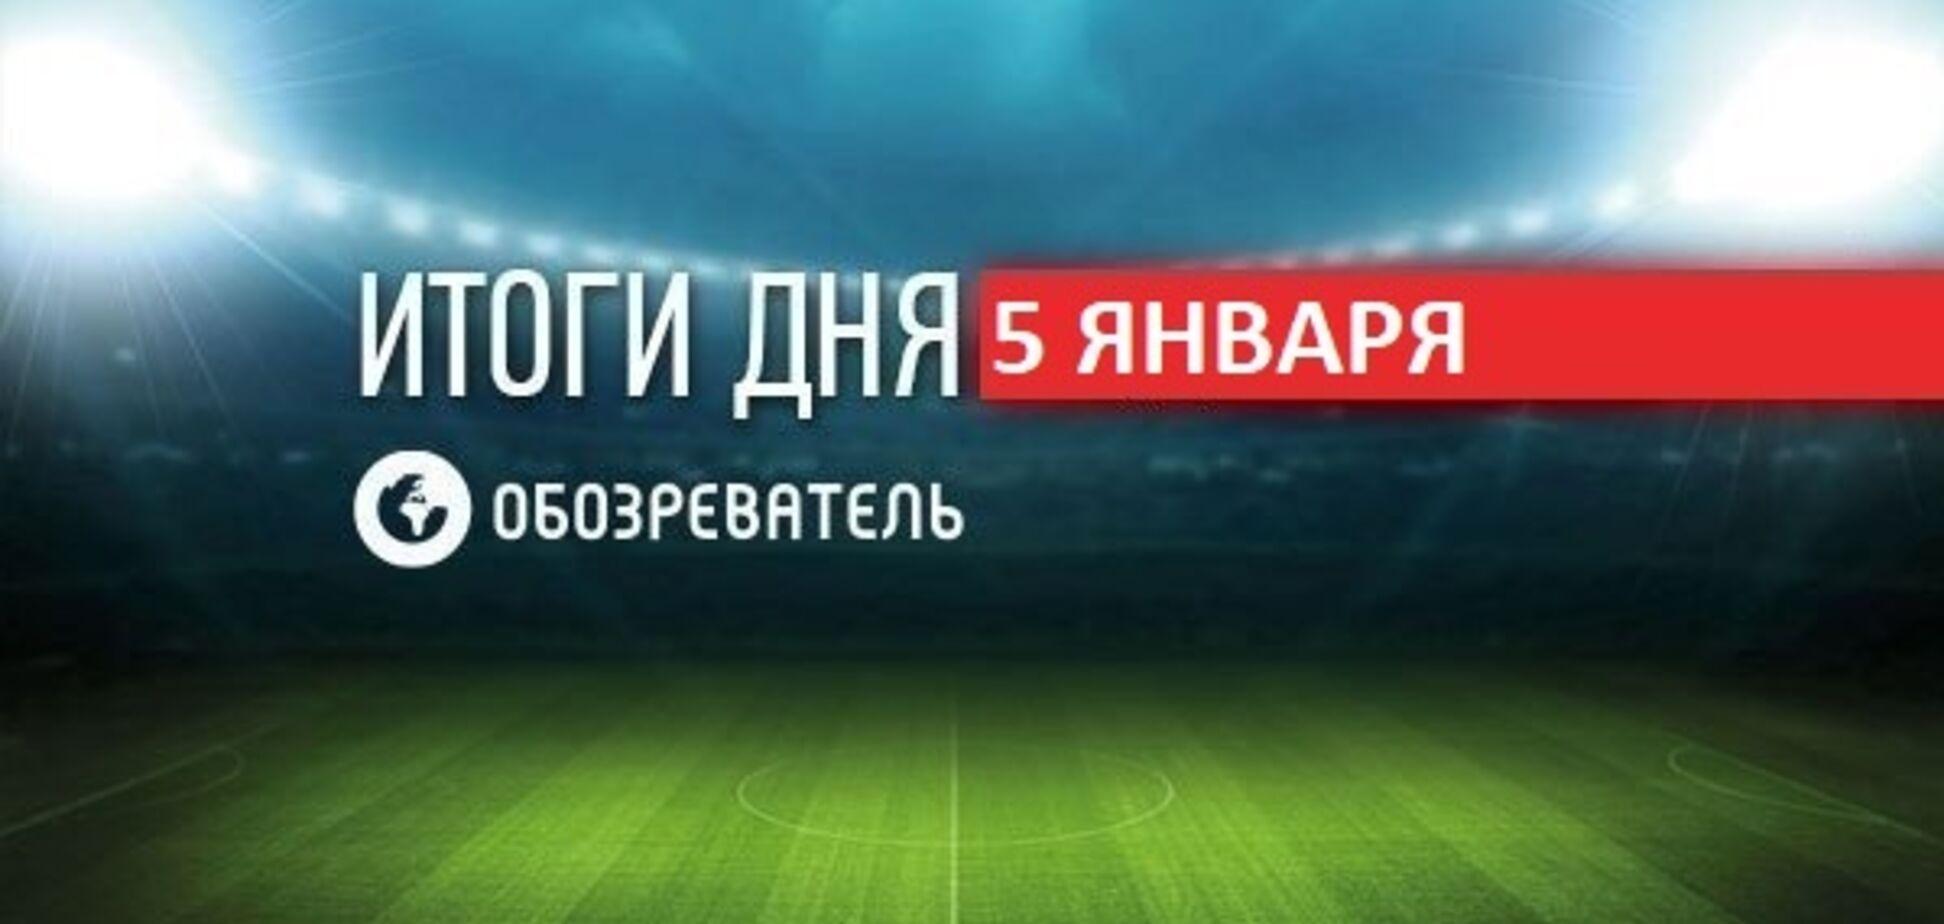 Росія програла Канаді у фіналі МЧС з хокею: спортивні підсумки 5 січня